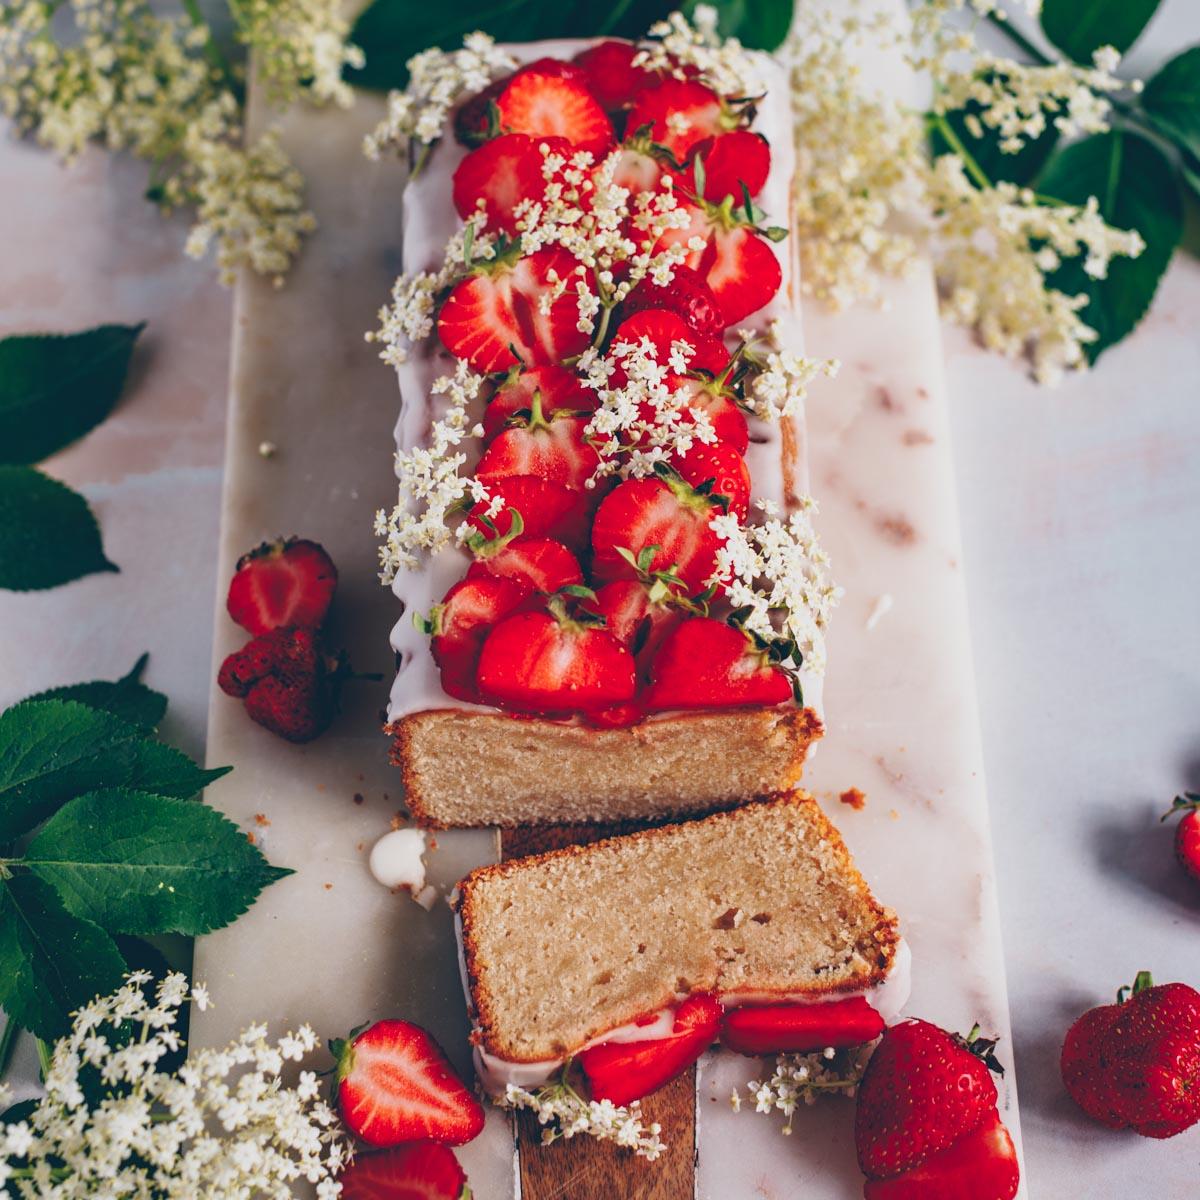 Zitronenkuchen mit Holunderblütensirup und Erdbeeren